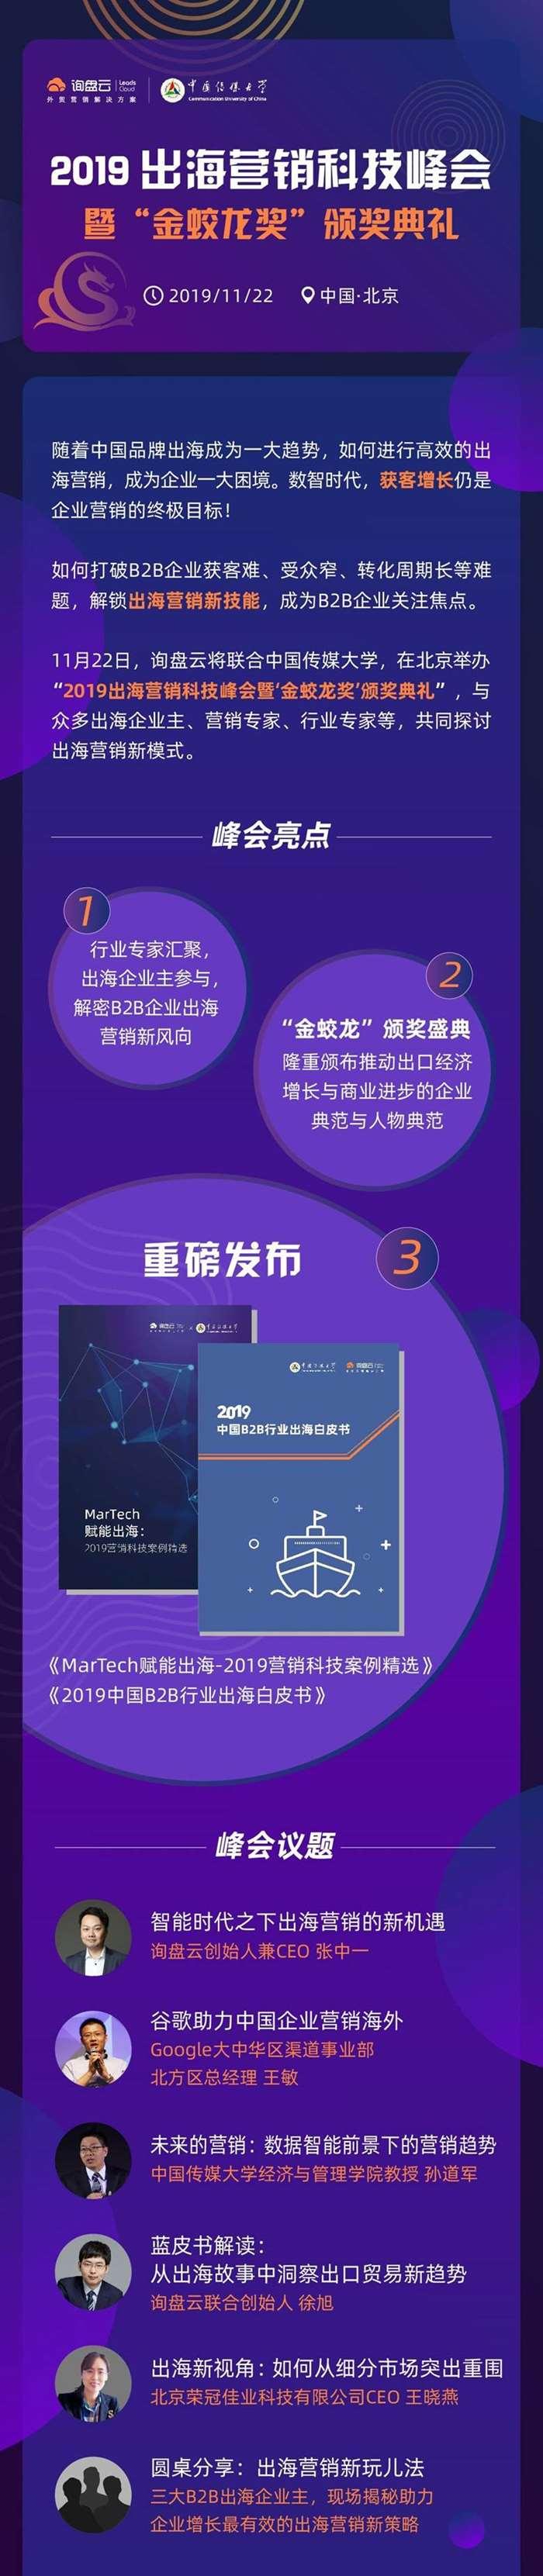 2019出海营销科技峰会-活动行-无环球网logo版.jpg